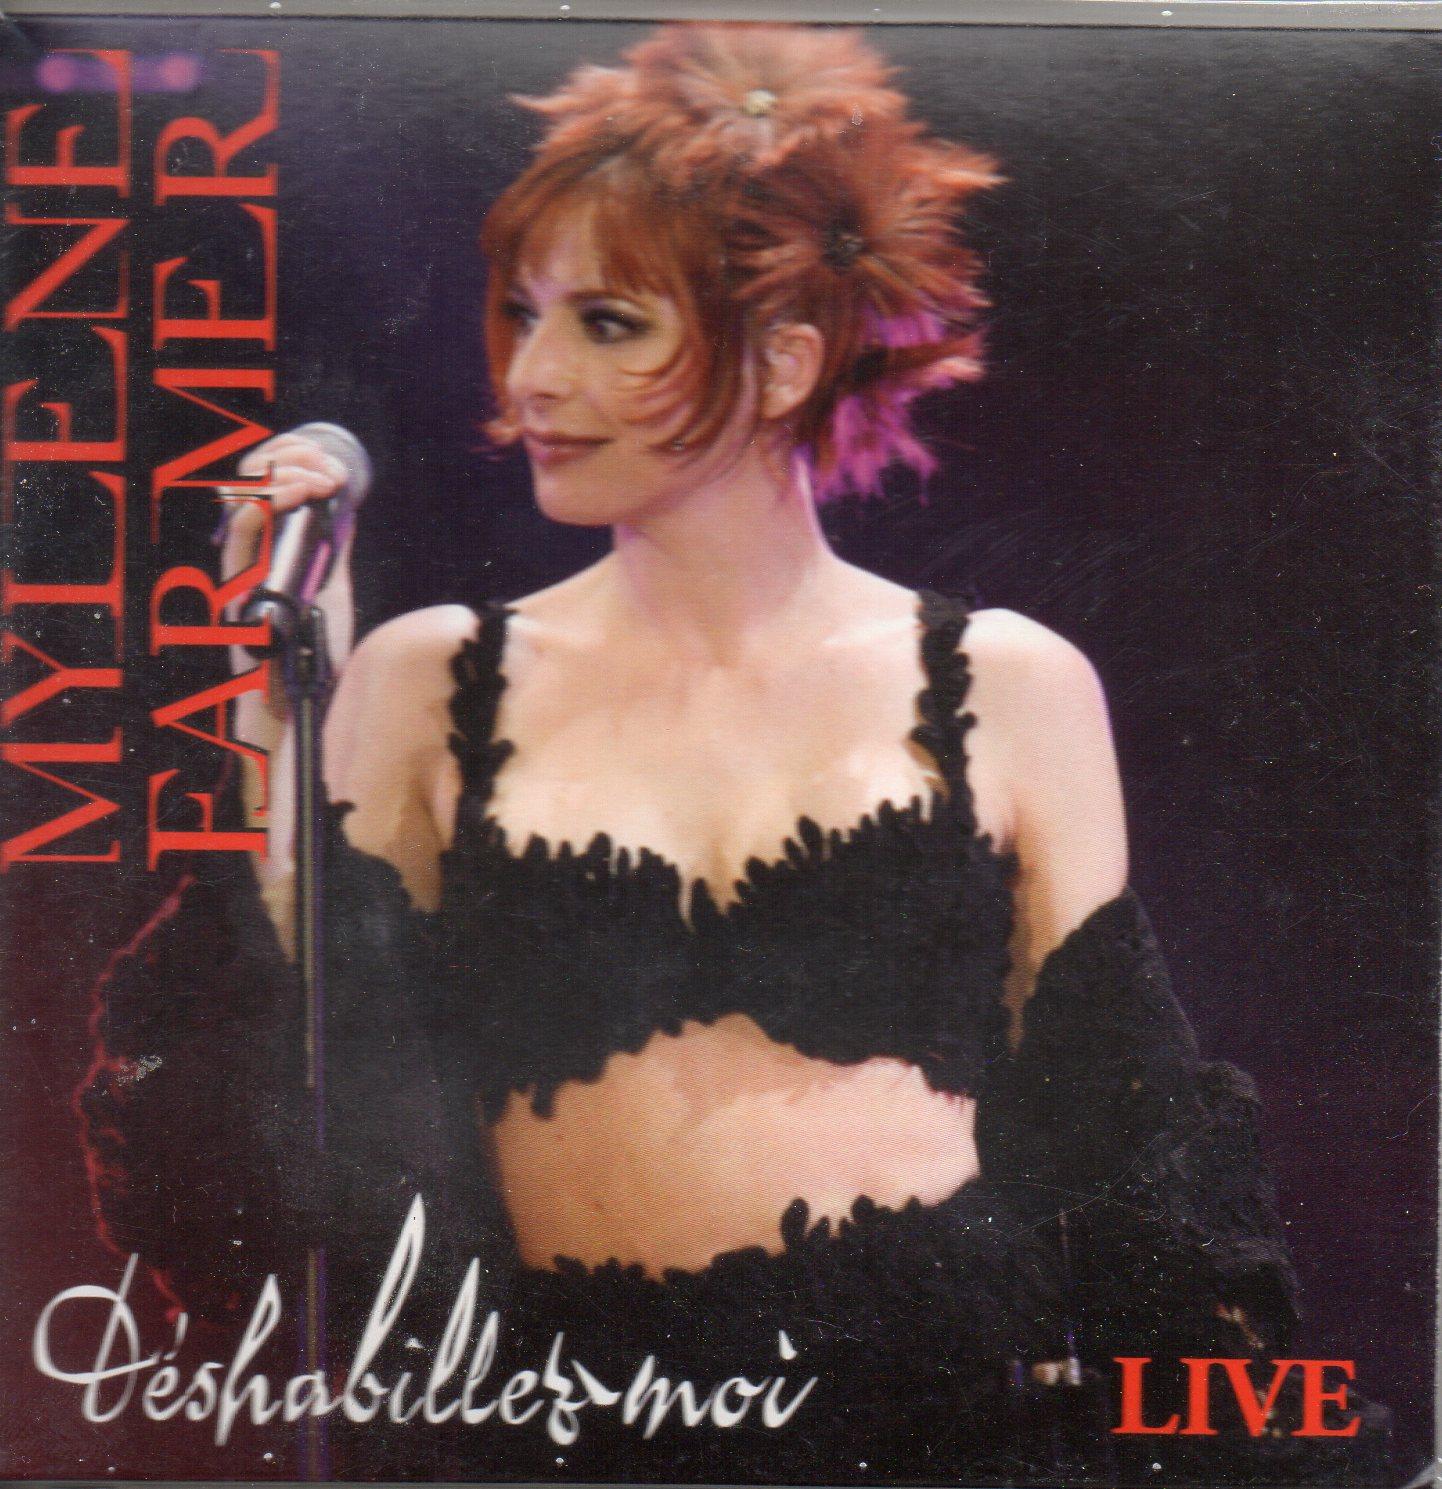 MYLÈNE FARMER - Déshabillez-moi (Live) 2-track CARD SLEEVE - CD single